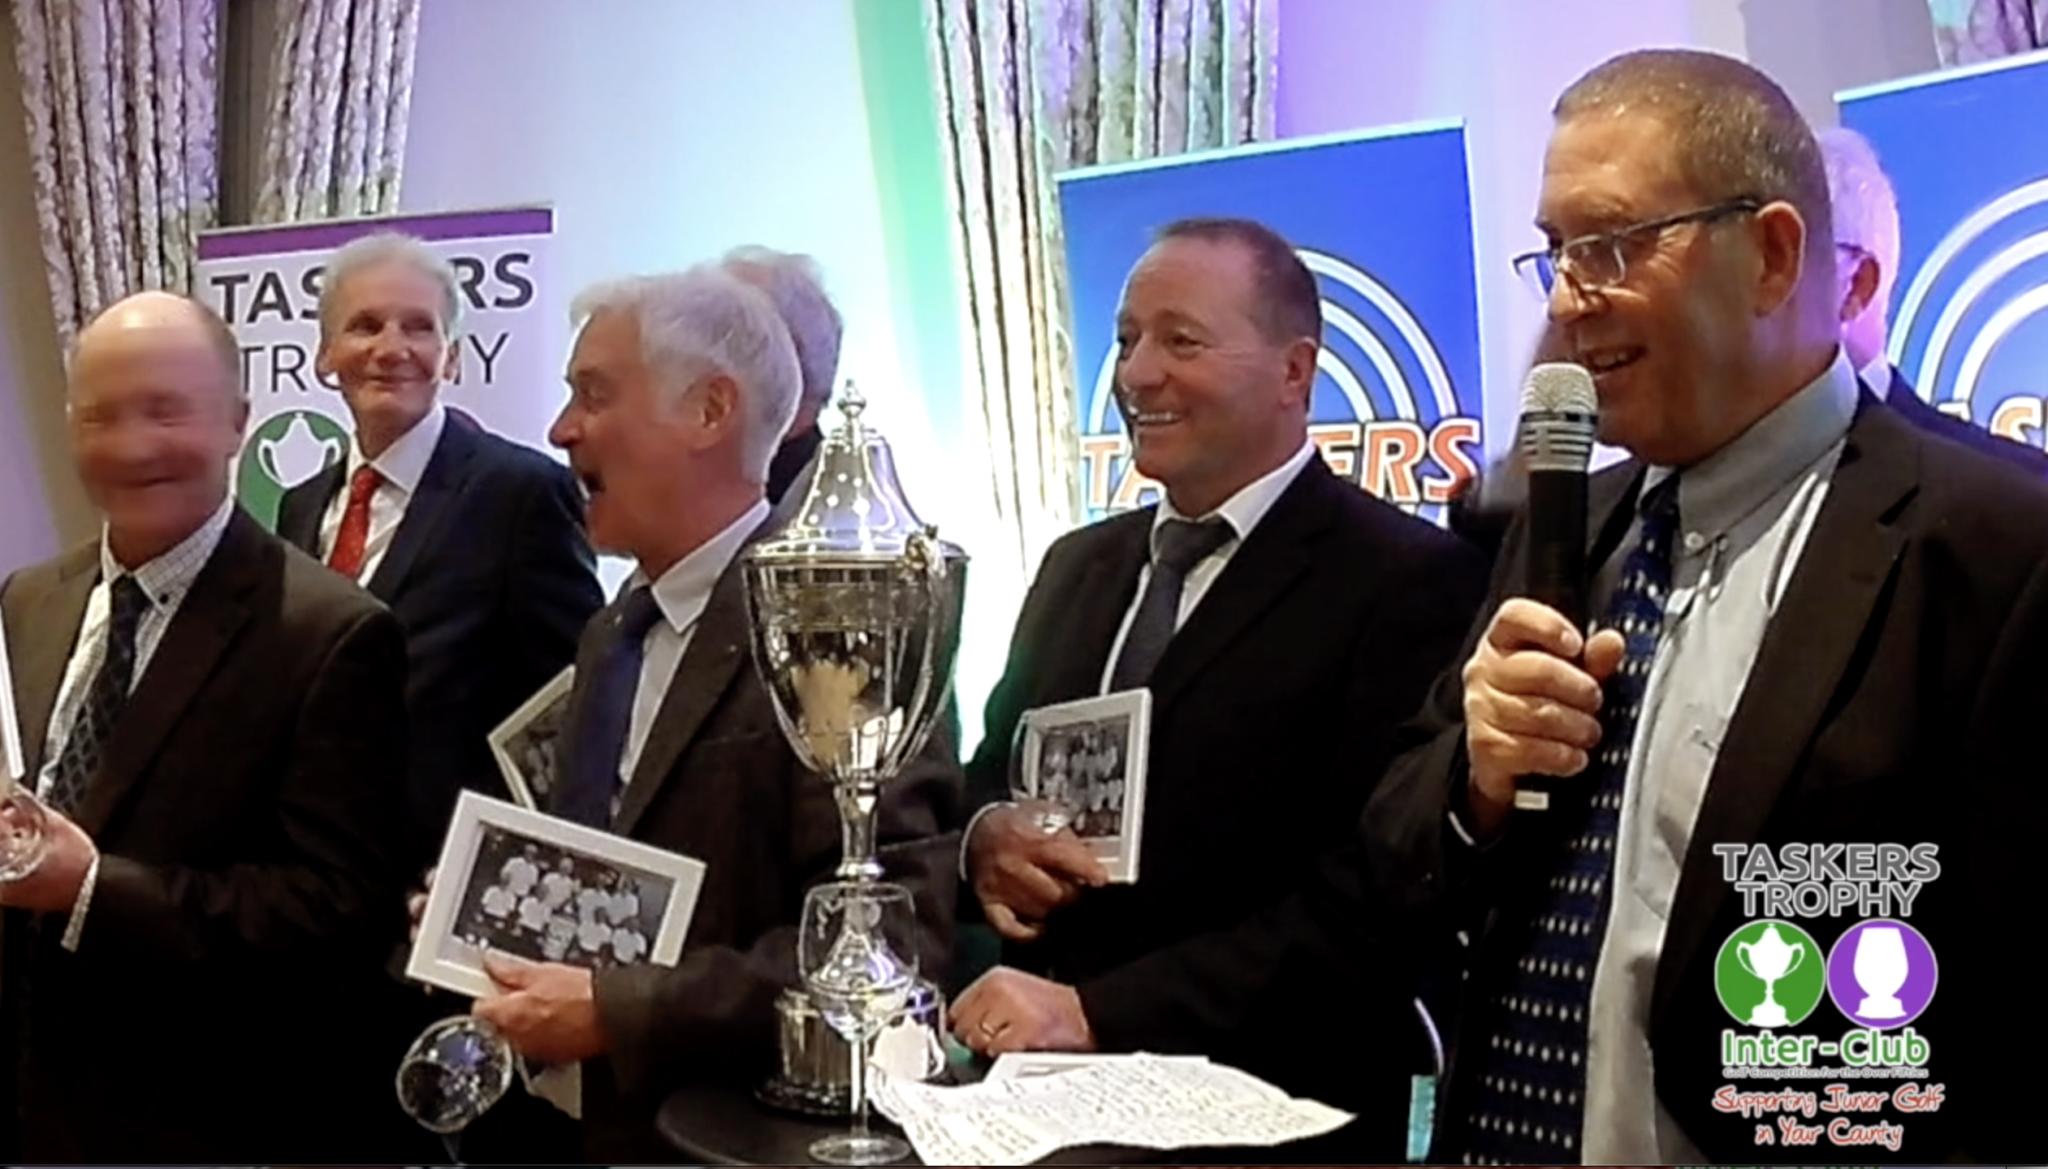 2018 Taskers Trophy Uttoxeter Winners Speech